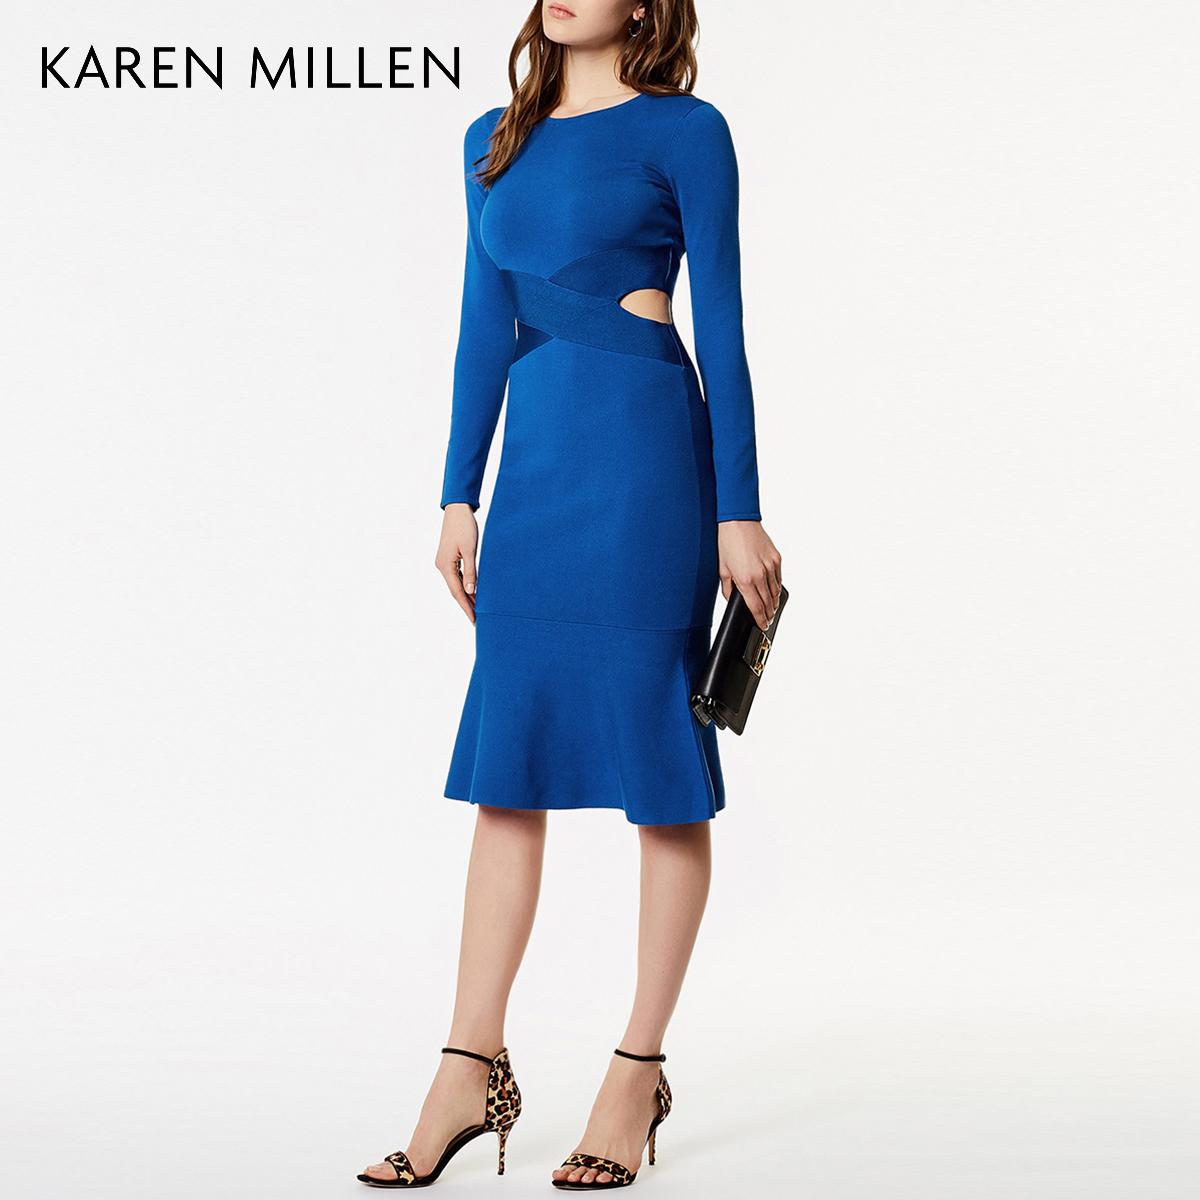 KAREN MILLEN凯伦米莲英伦女装2018春镂空针织连衣裙KM51823720